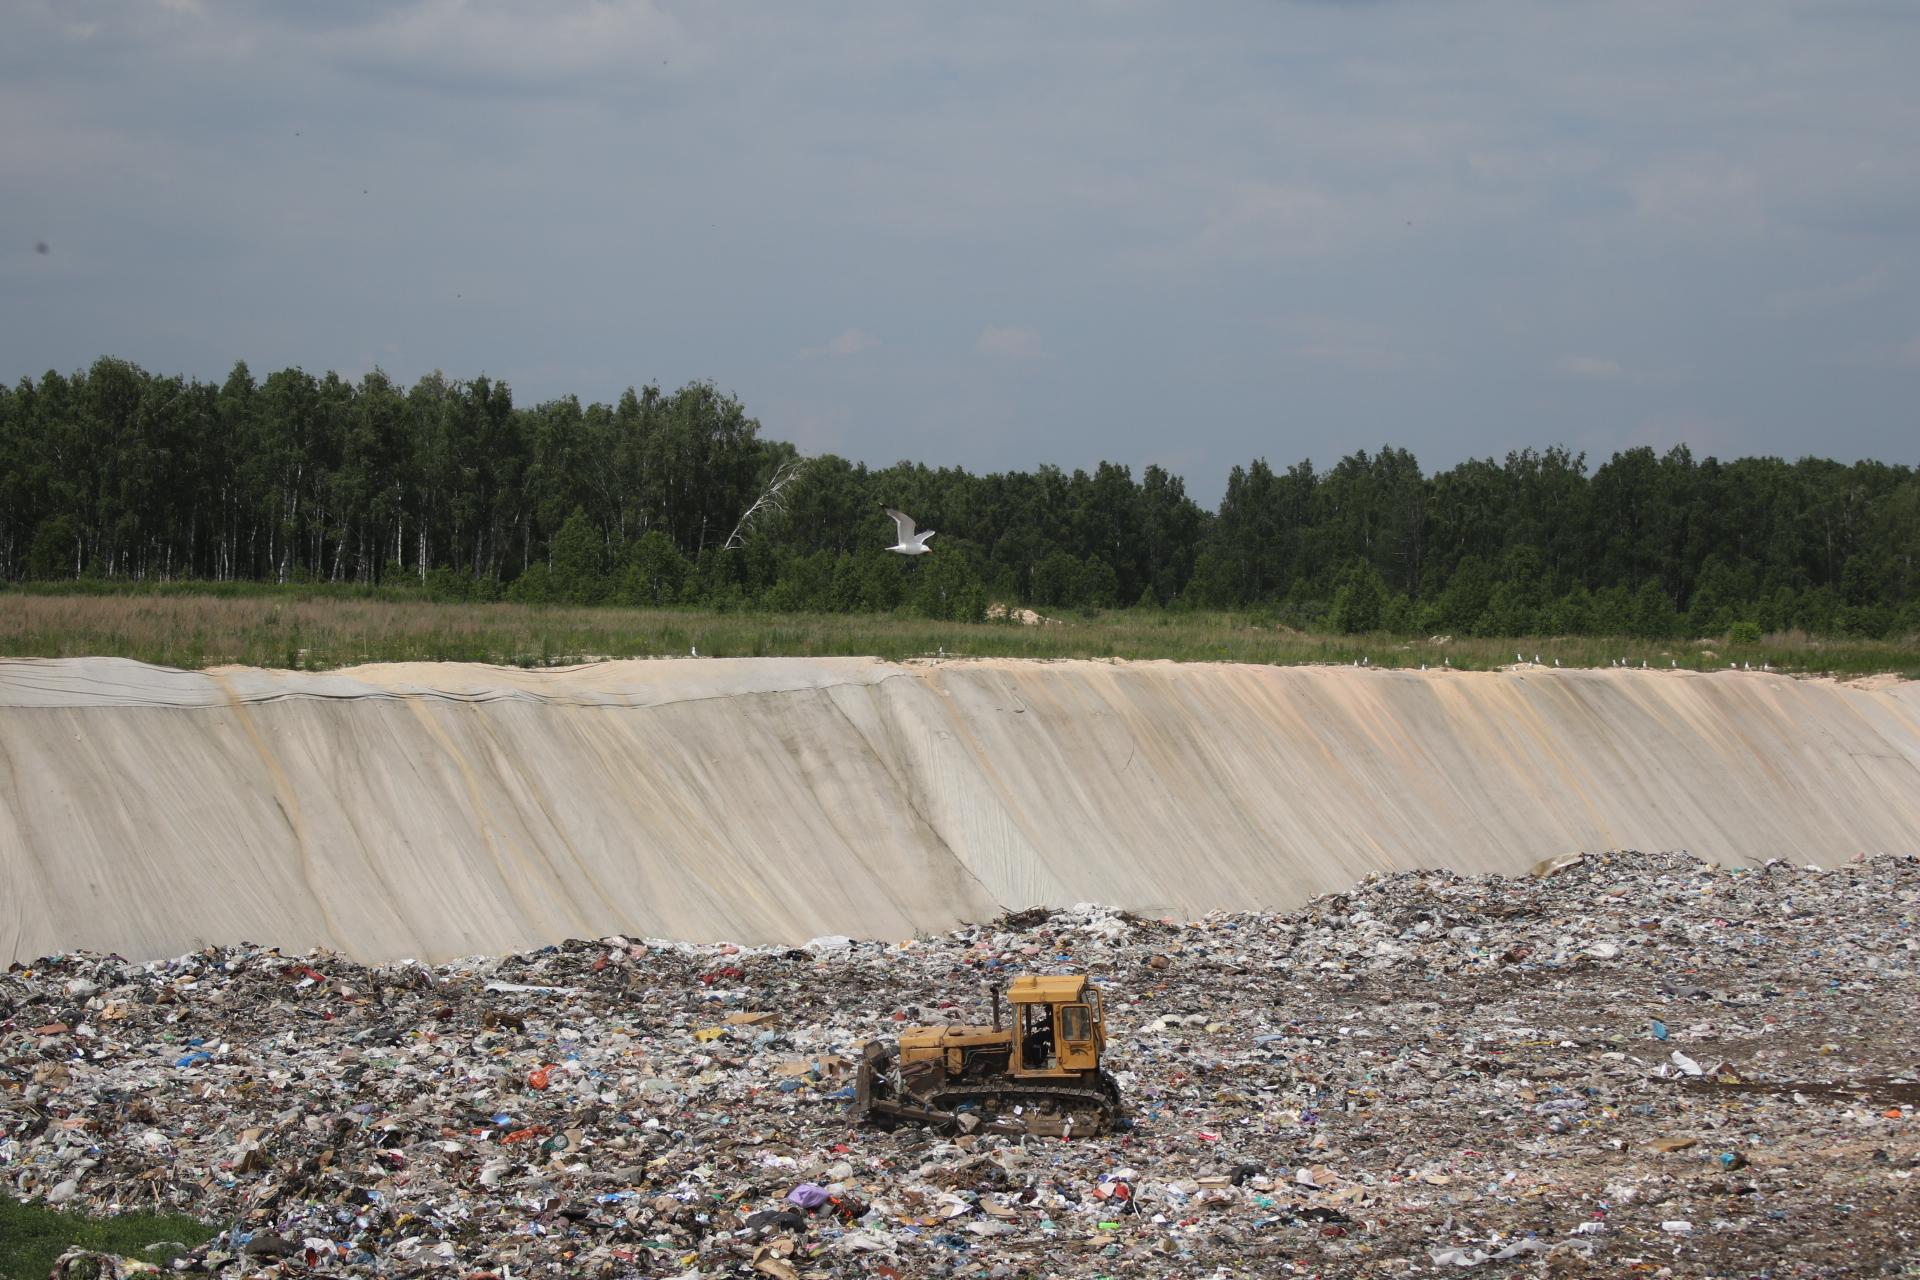 Полигон в Полетаево построен по всем требованиям, но экологи каждый день будут проверять, не загрязняет ли он подземные воды